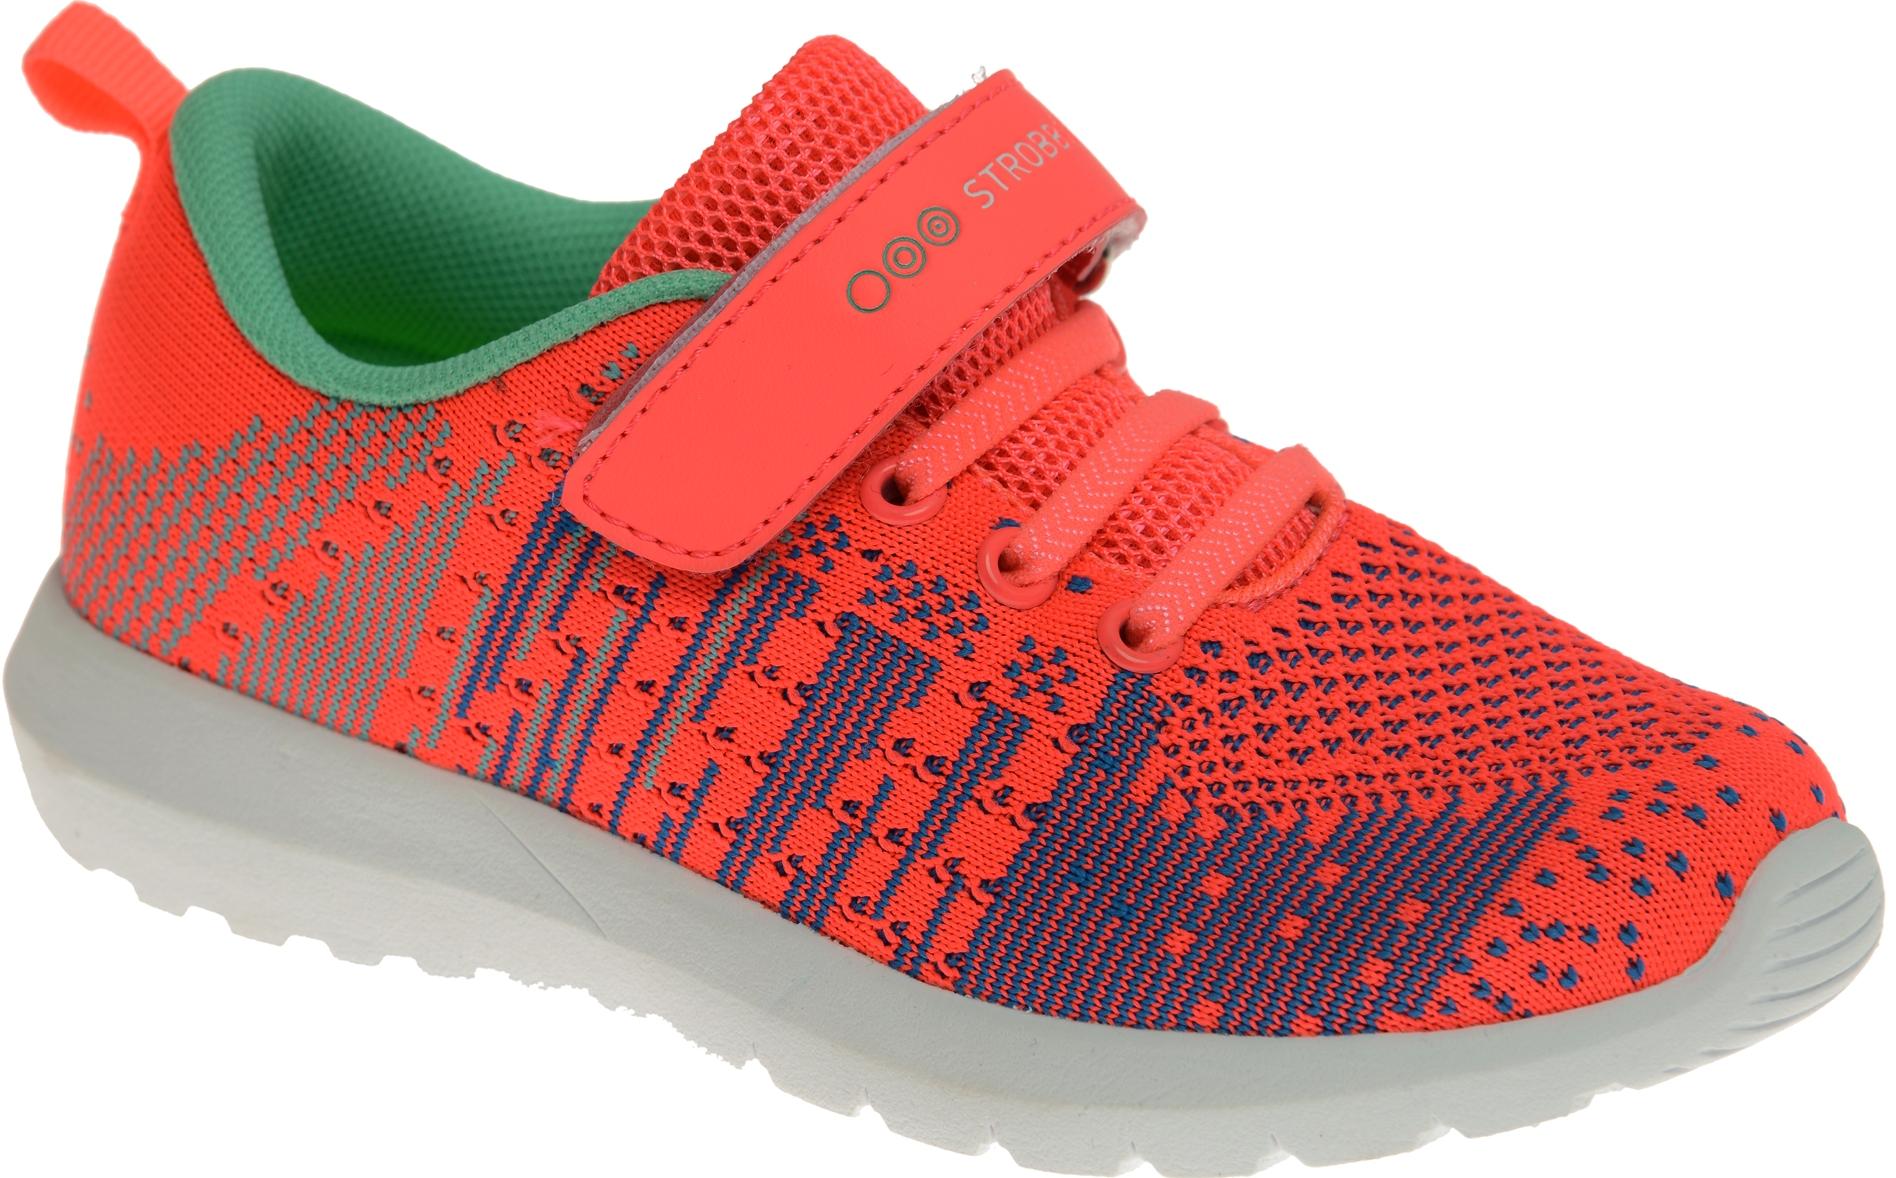 Кроссовки для девочки Strobbs, цвет: оранжевый. N1544-12. Размер 34N1544-12Стильные кроссовки для девочки Strobbs отлично подойдут для активного отдыха и повседневной носки. Верх модели выполнен из вязаного текстиля. Удобная шнуровка и хлястик на липучке надежно зафиксируют модель на стопе. Особая форма подошвы обеспечит удобство при ходьбе и отличную амортизацию.